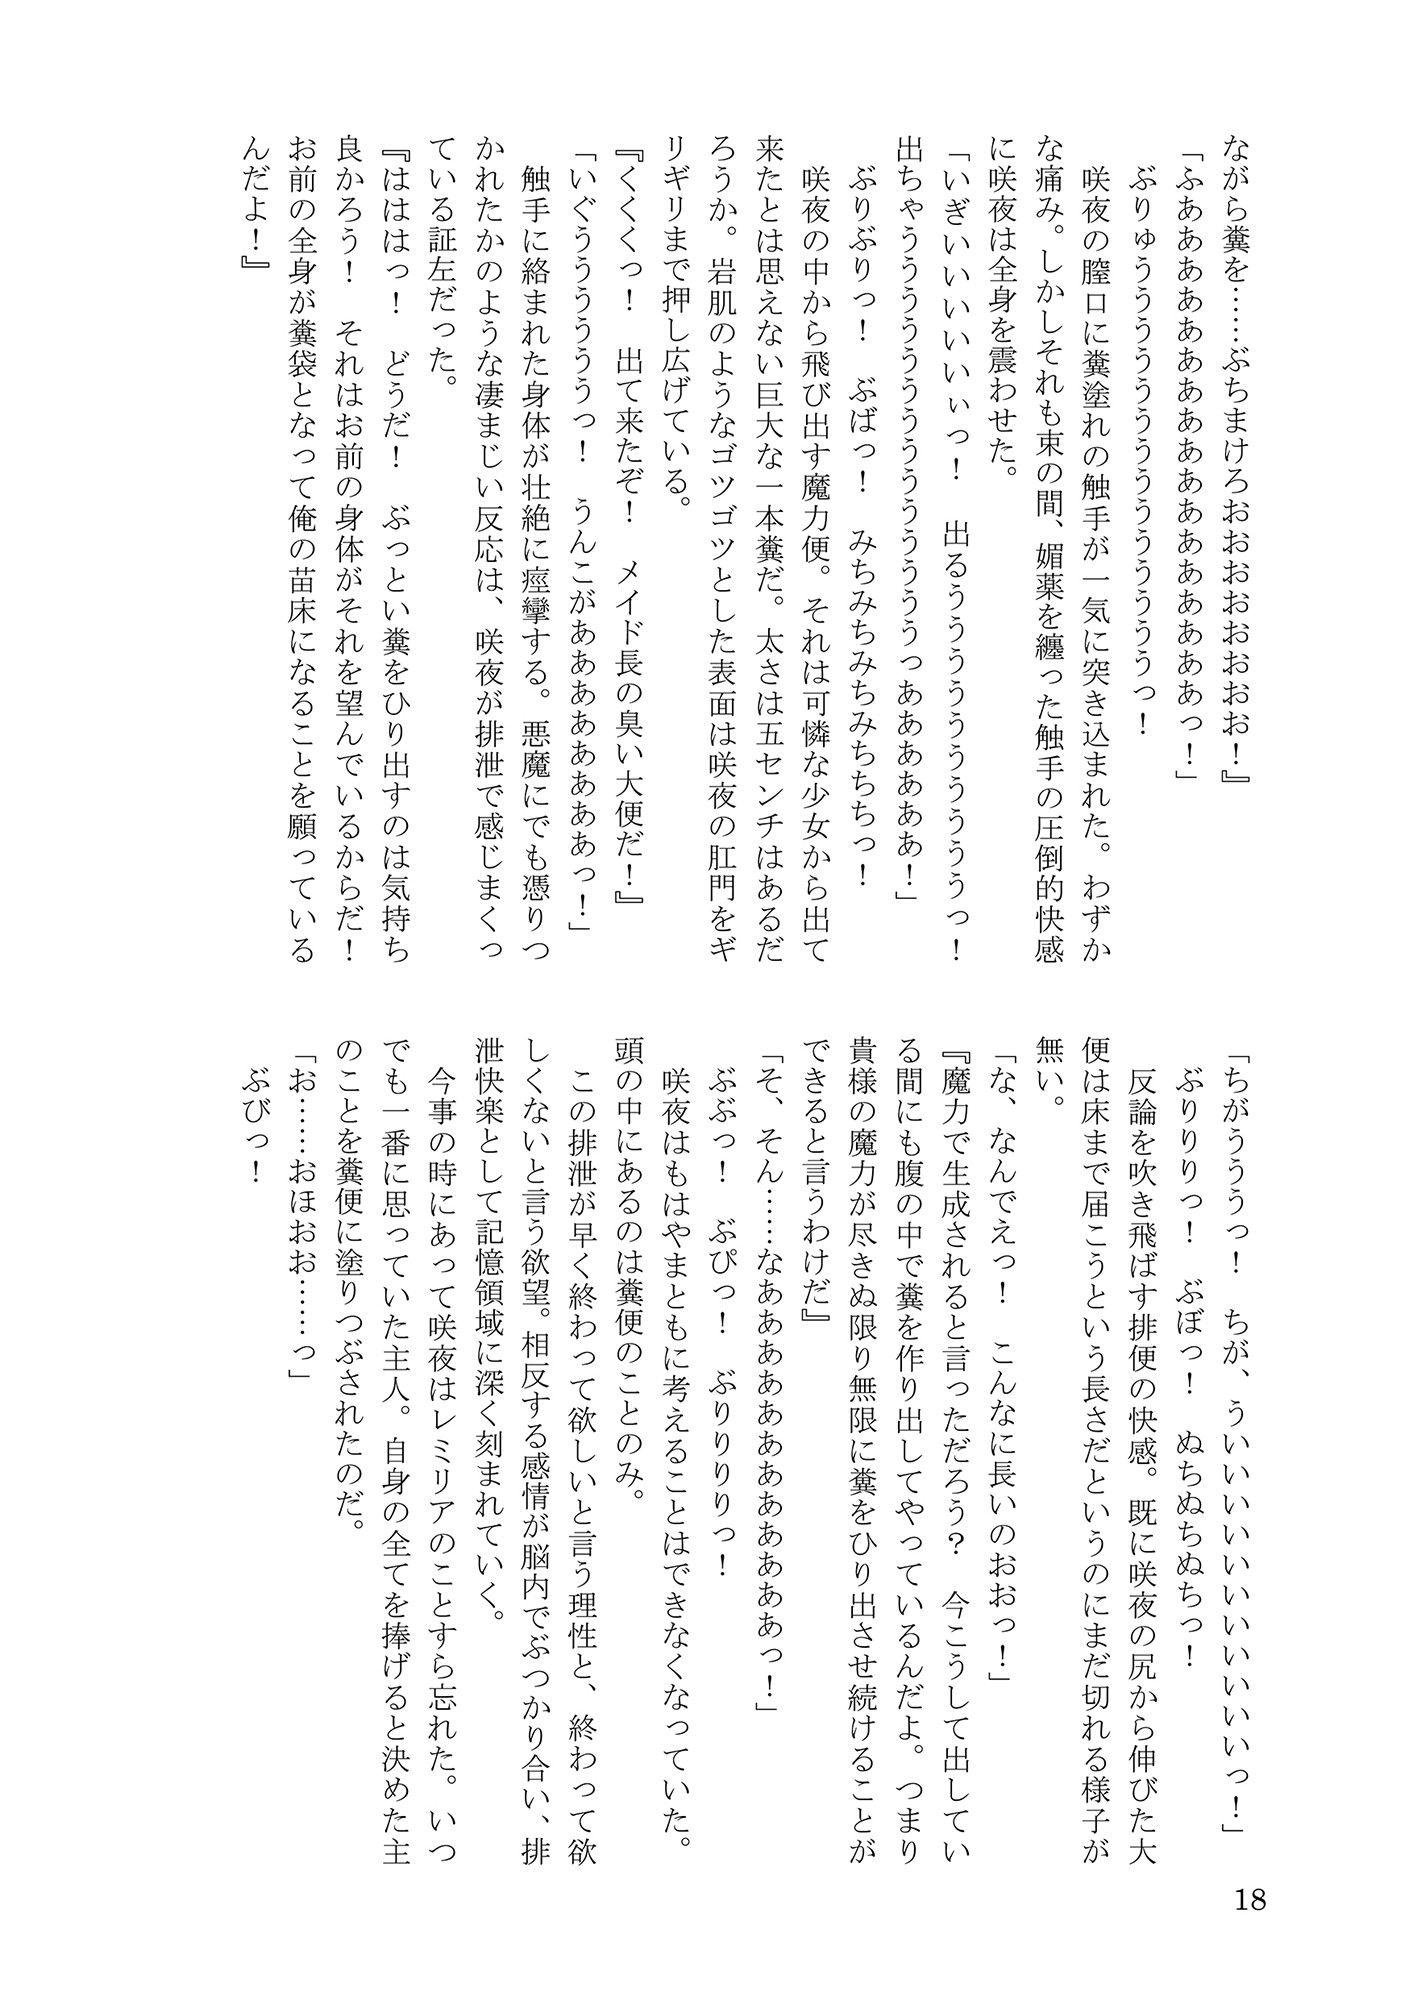 「デジタル写真集 狭霞シオン チャイナ編」(狭霧シオン)